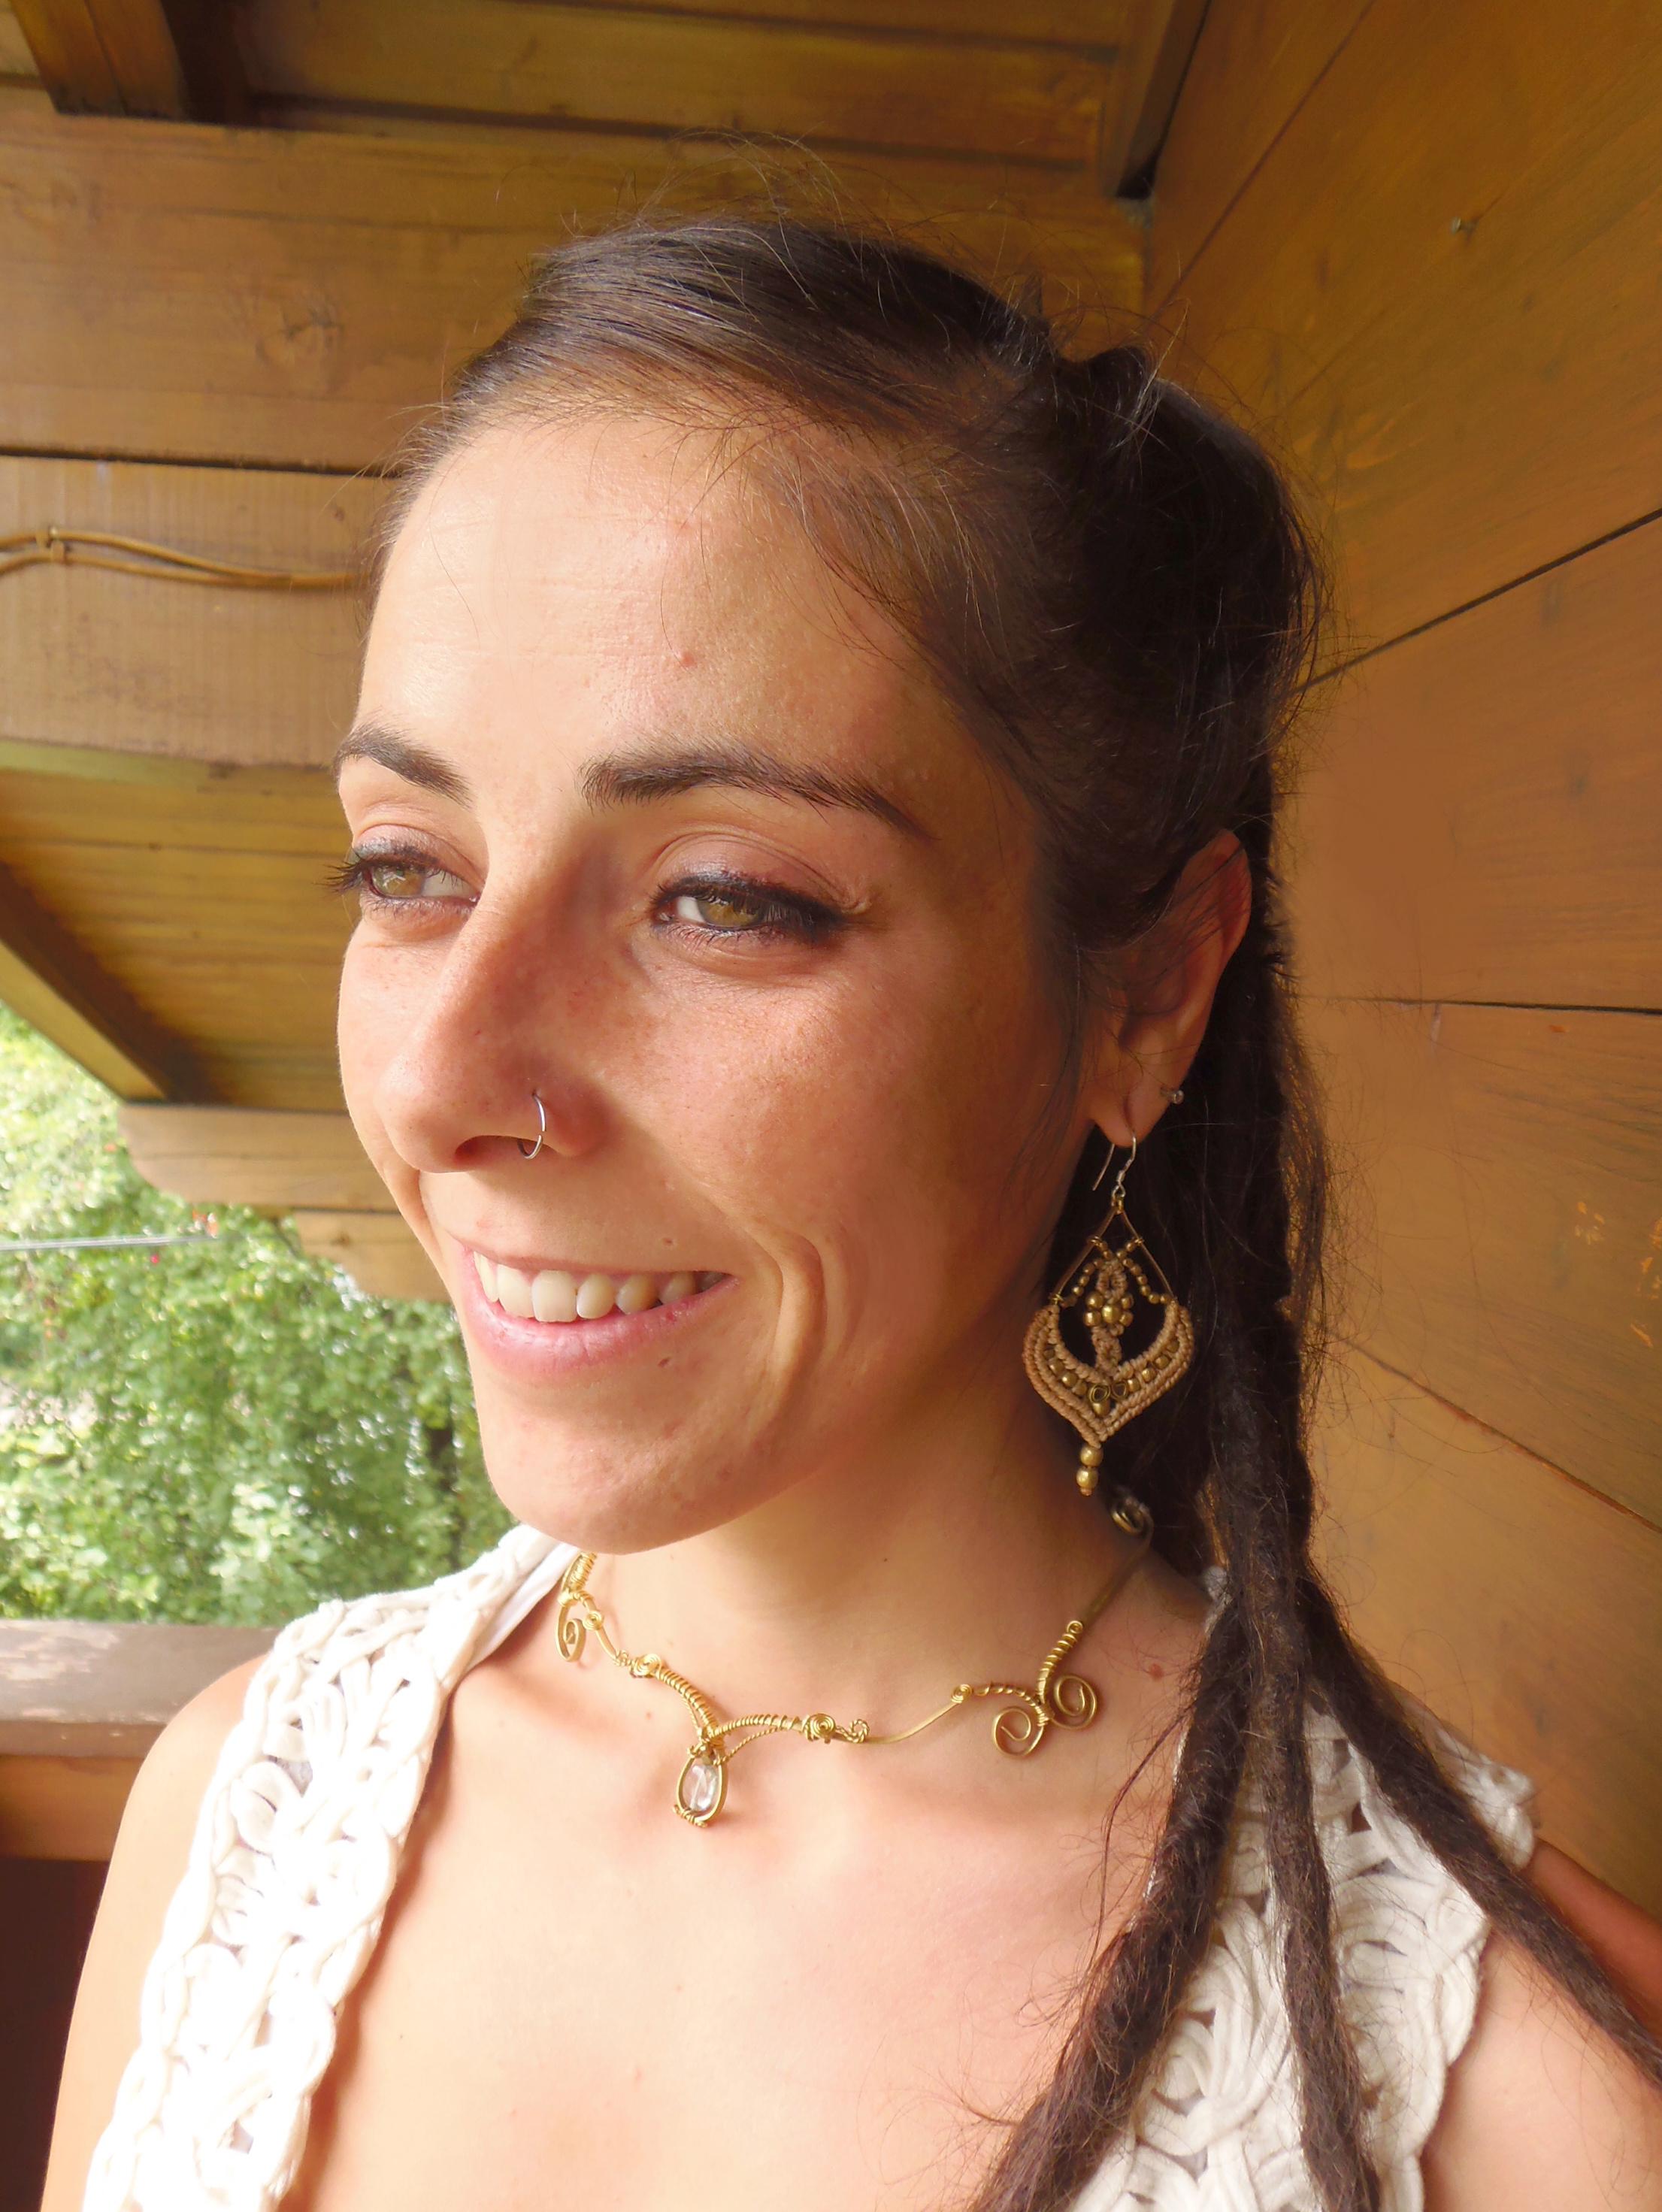 Wire Necklace & Earrings